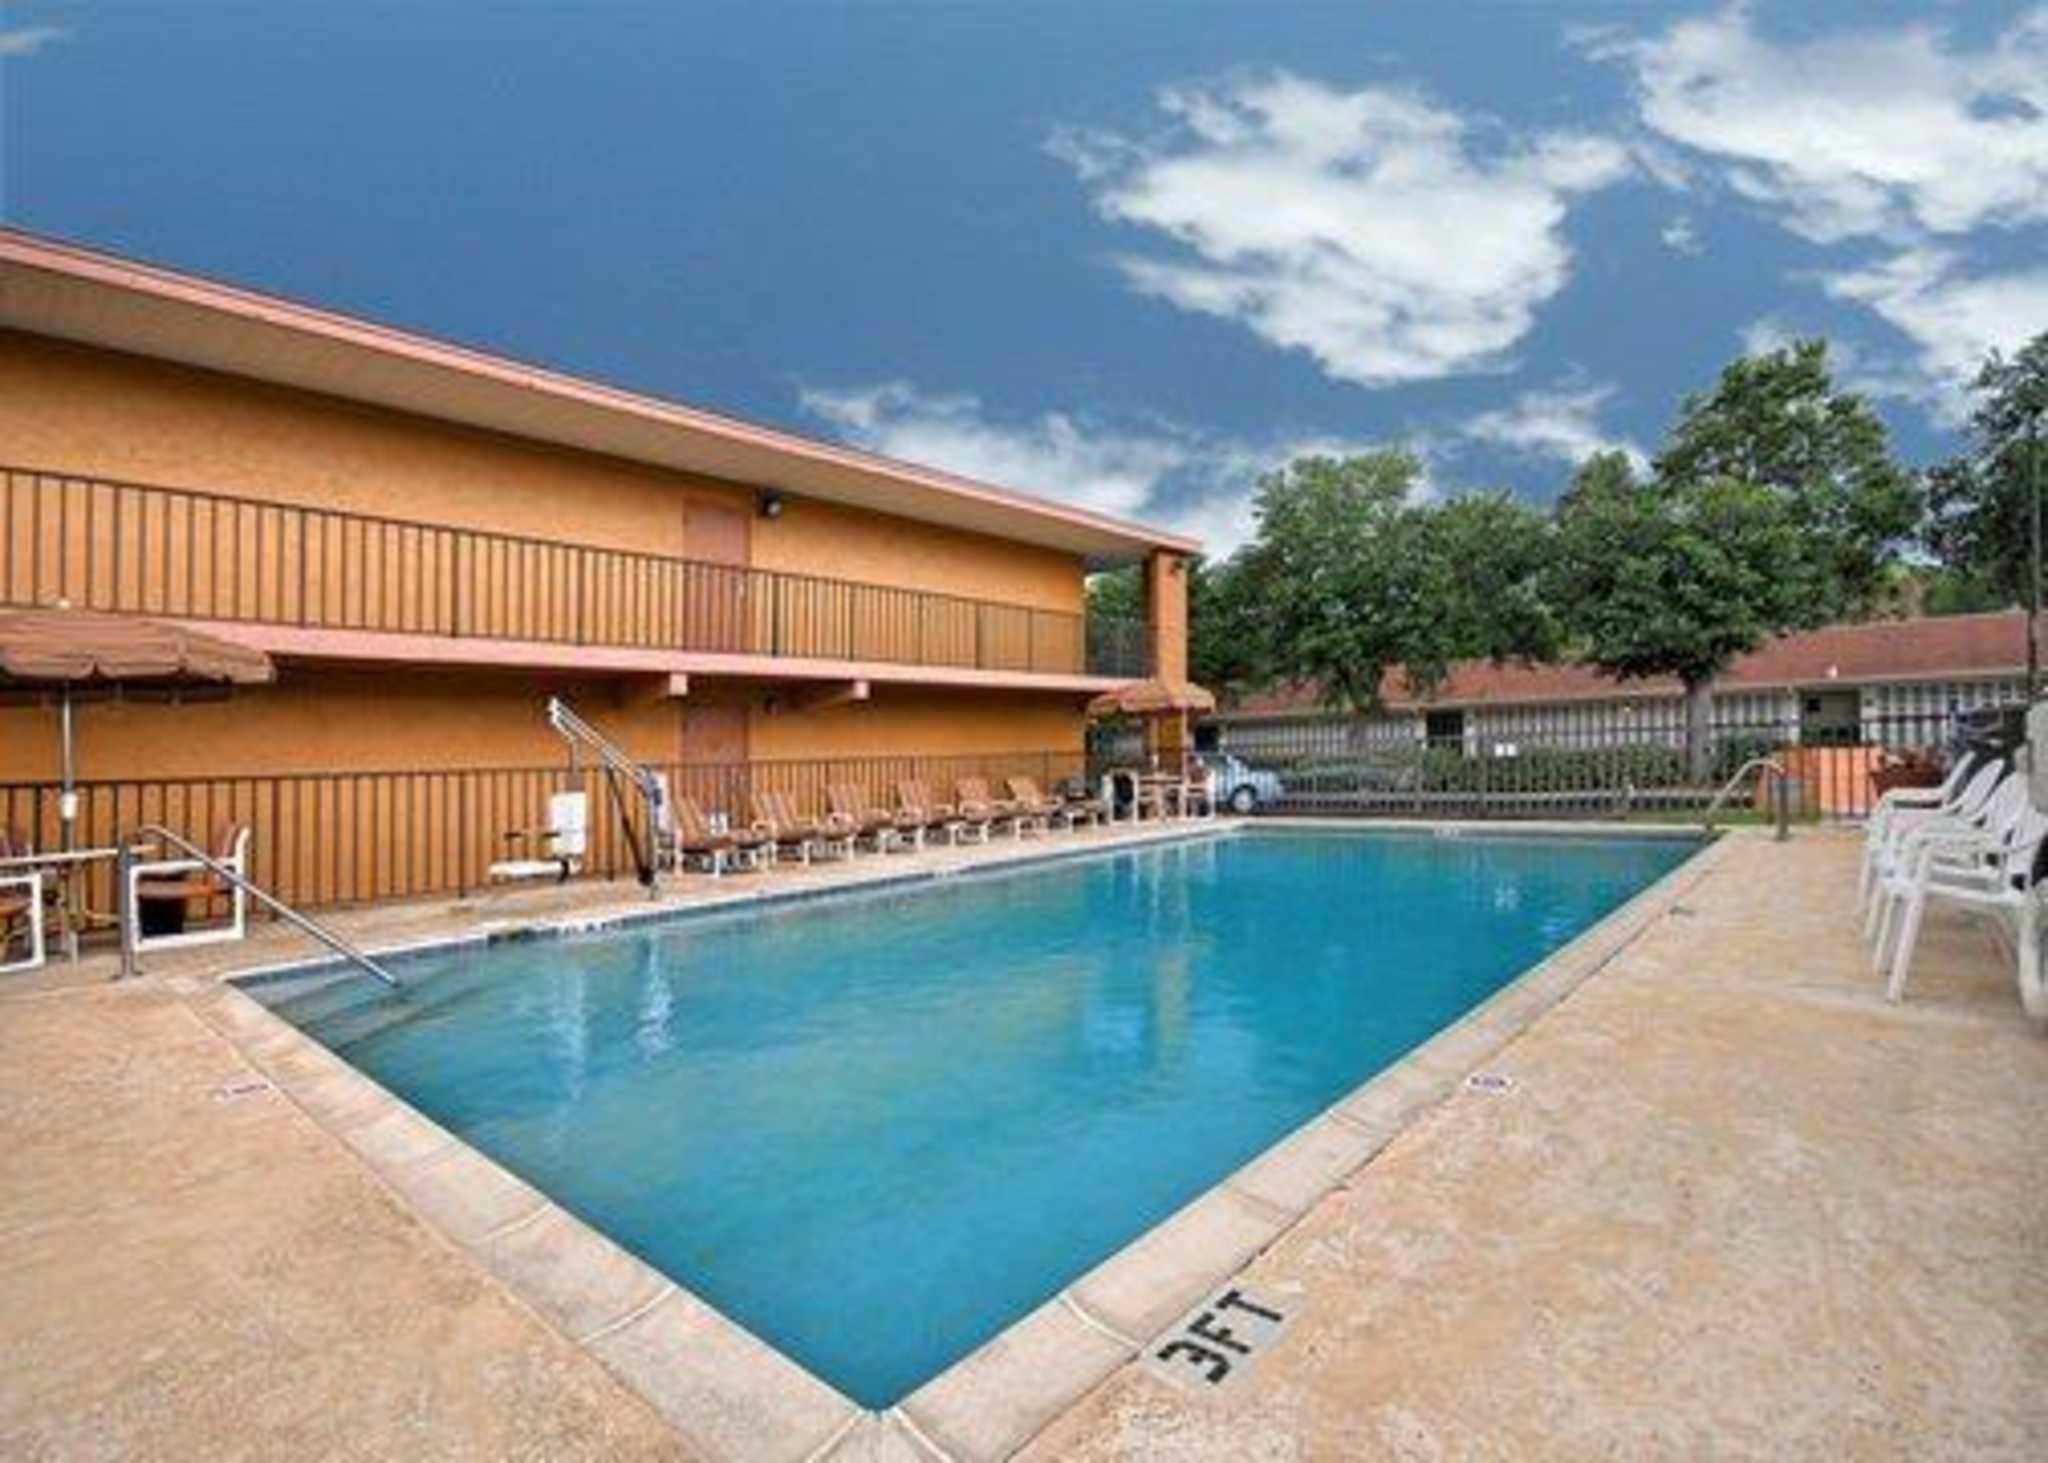 Orange City Fl Hotels And Motels